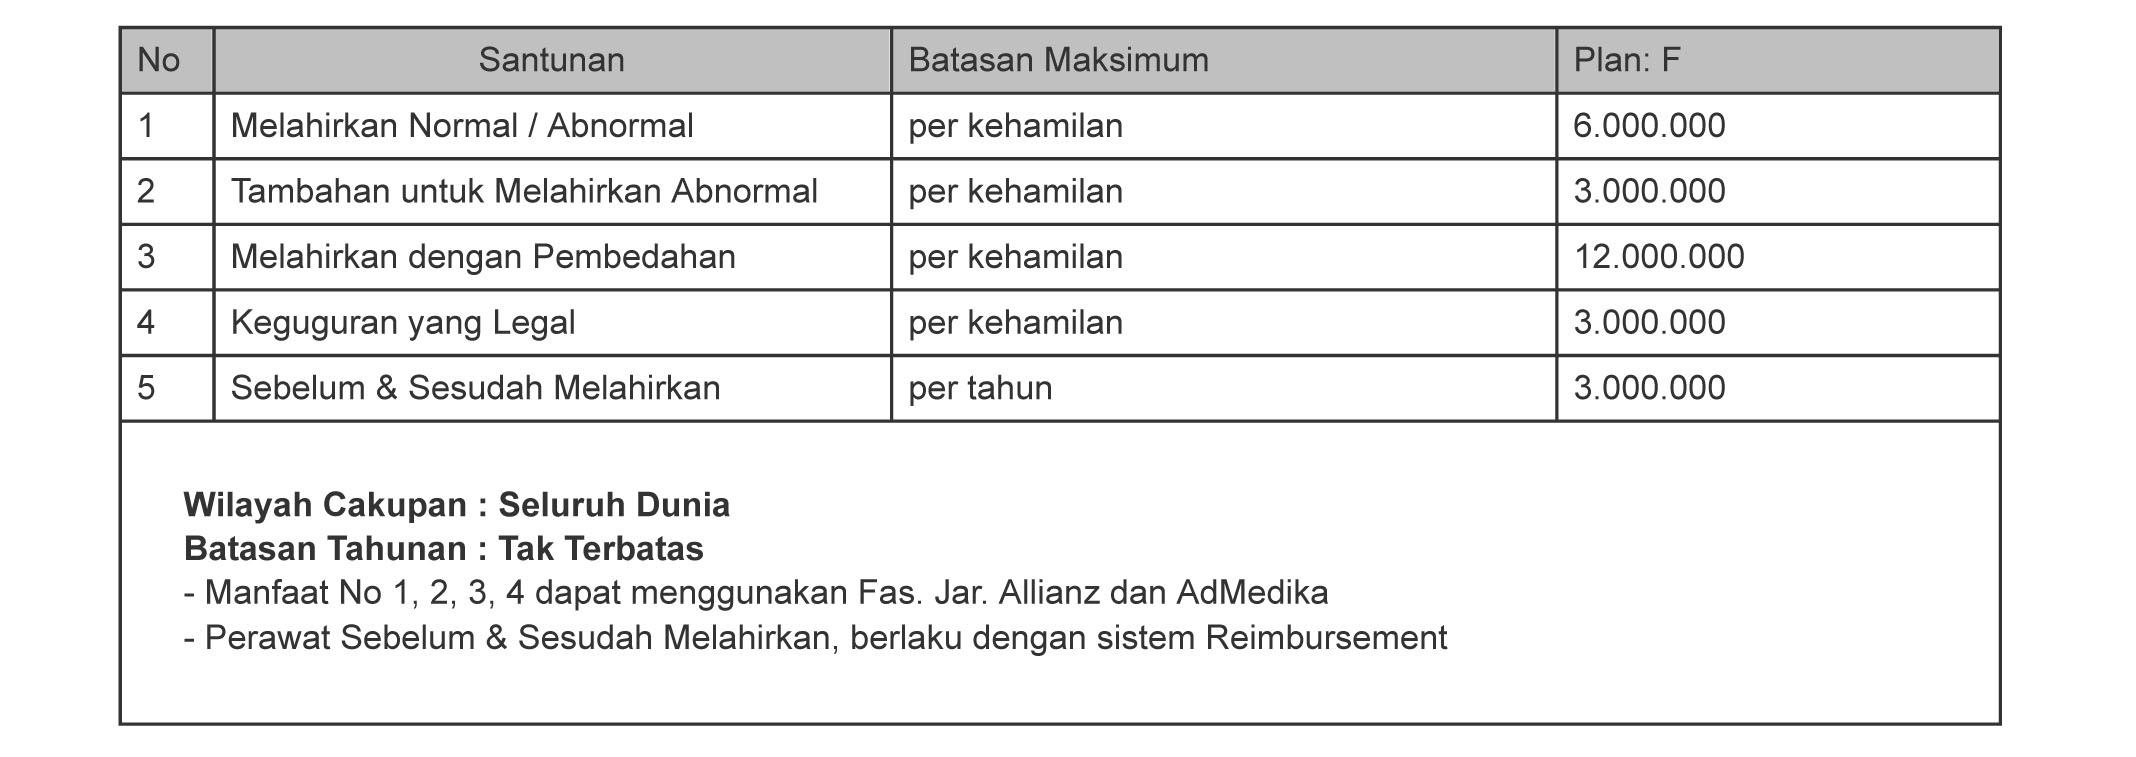 tabel manfaat asuransi melahirkan smarthealth maxi violet atau allisya care plan F